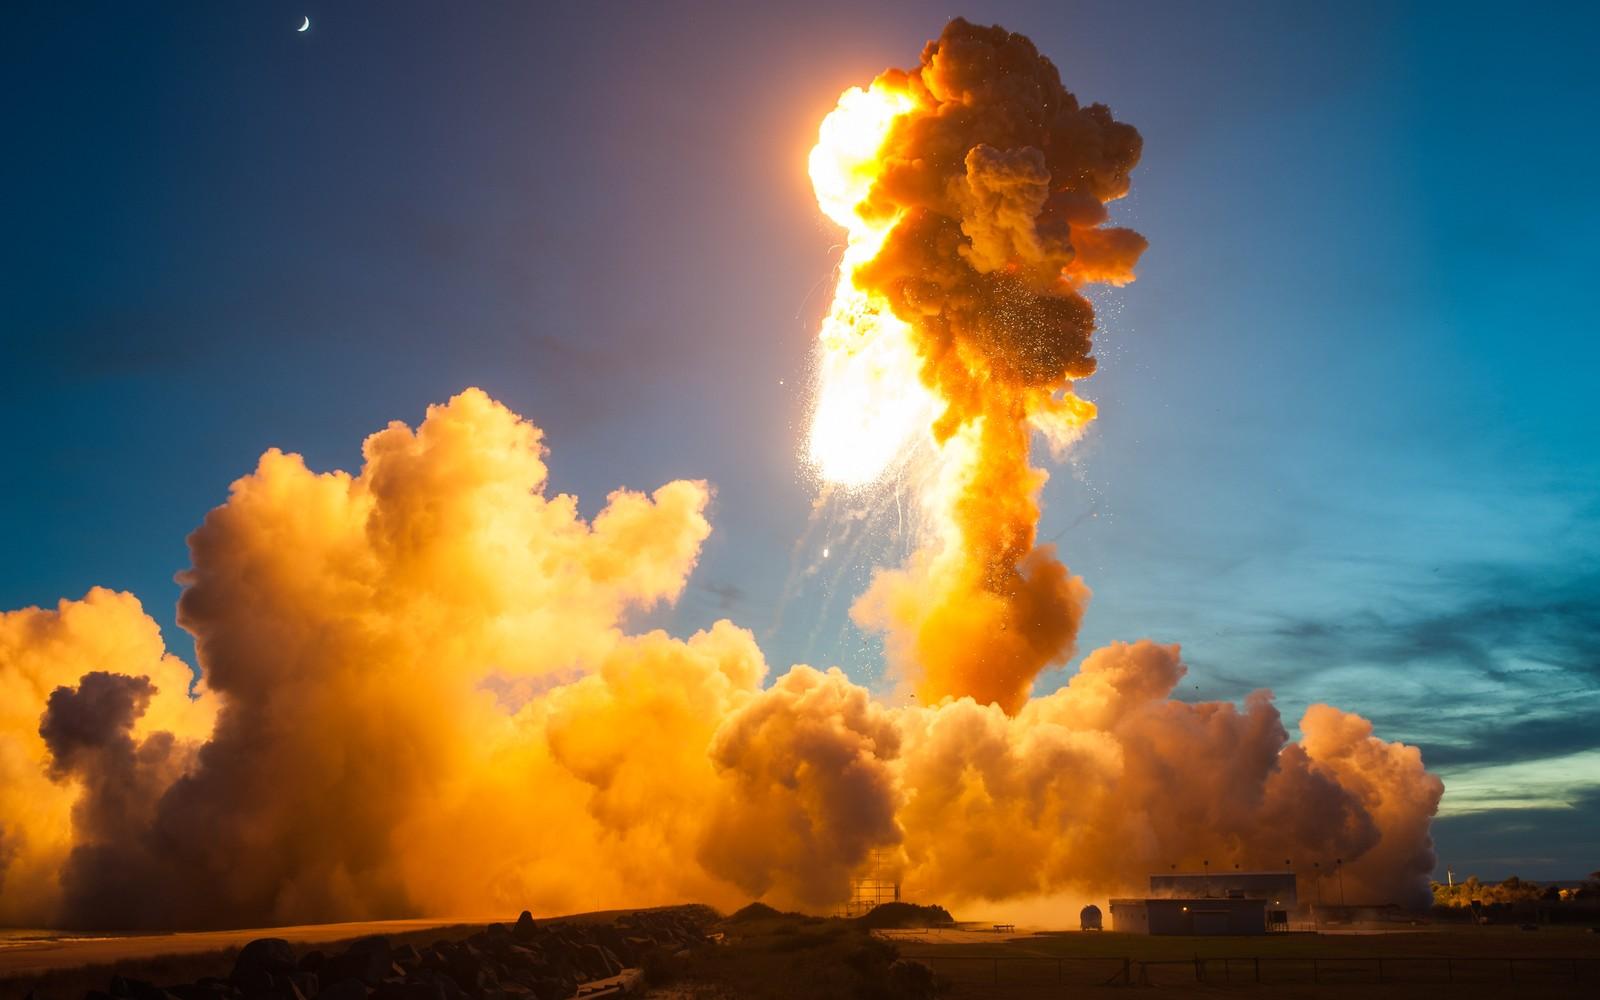 Hele raketten er nå dekt av flammer. Den faller hurtigere mot bakken.